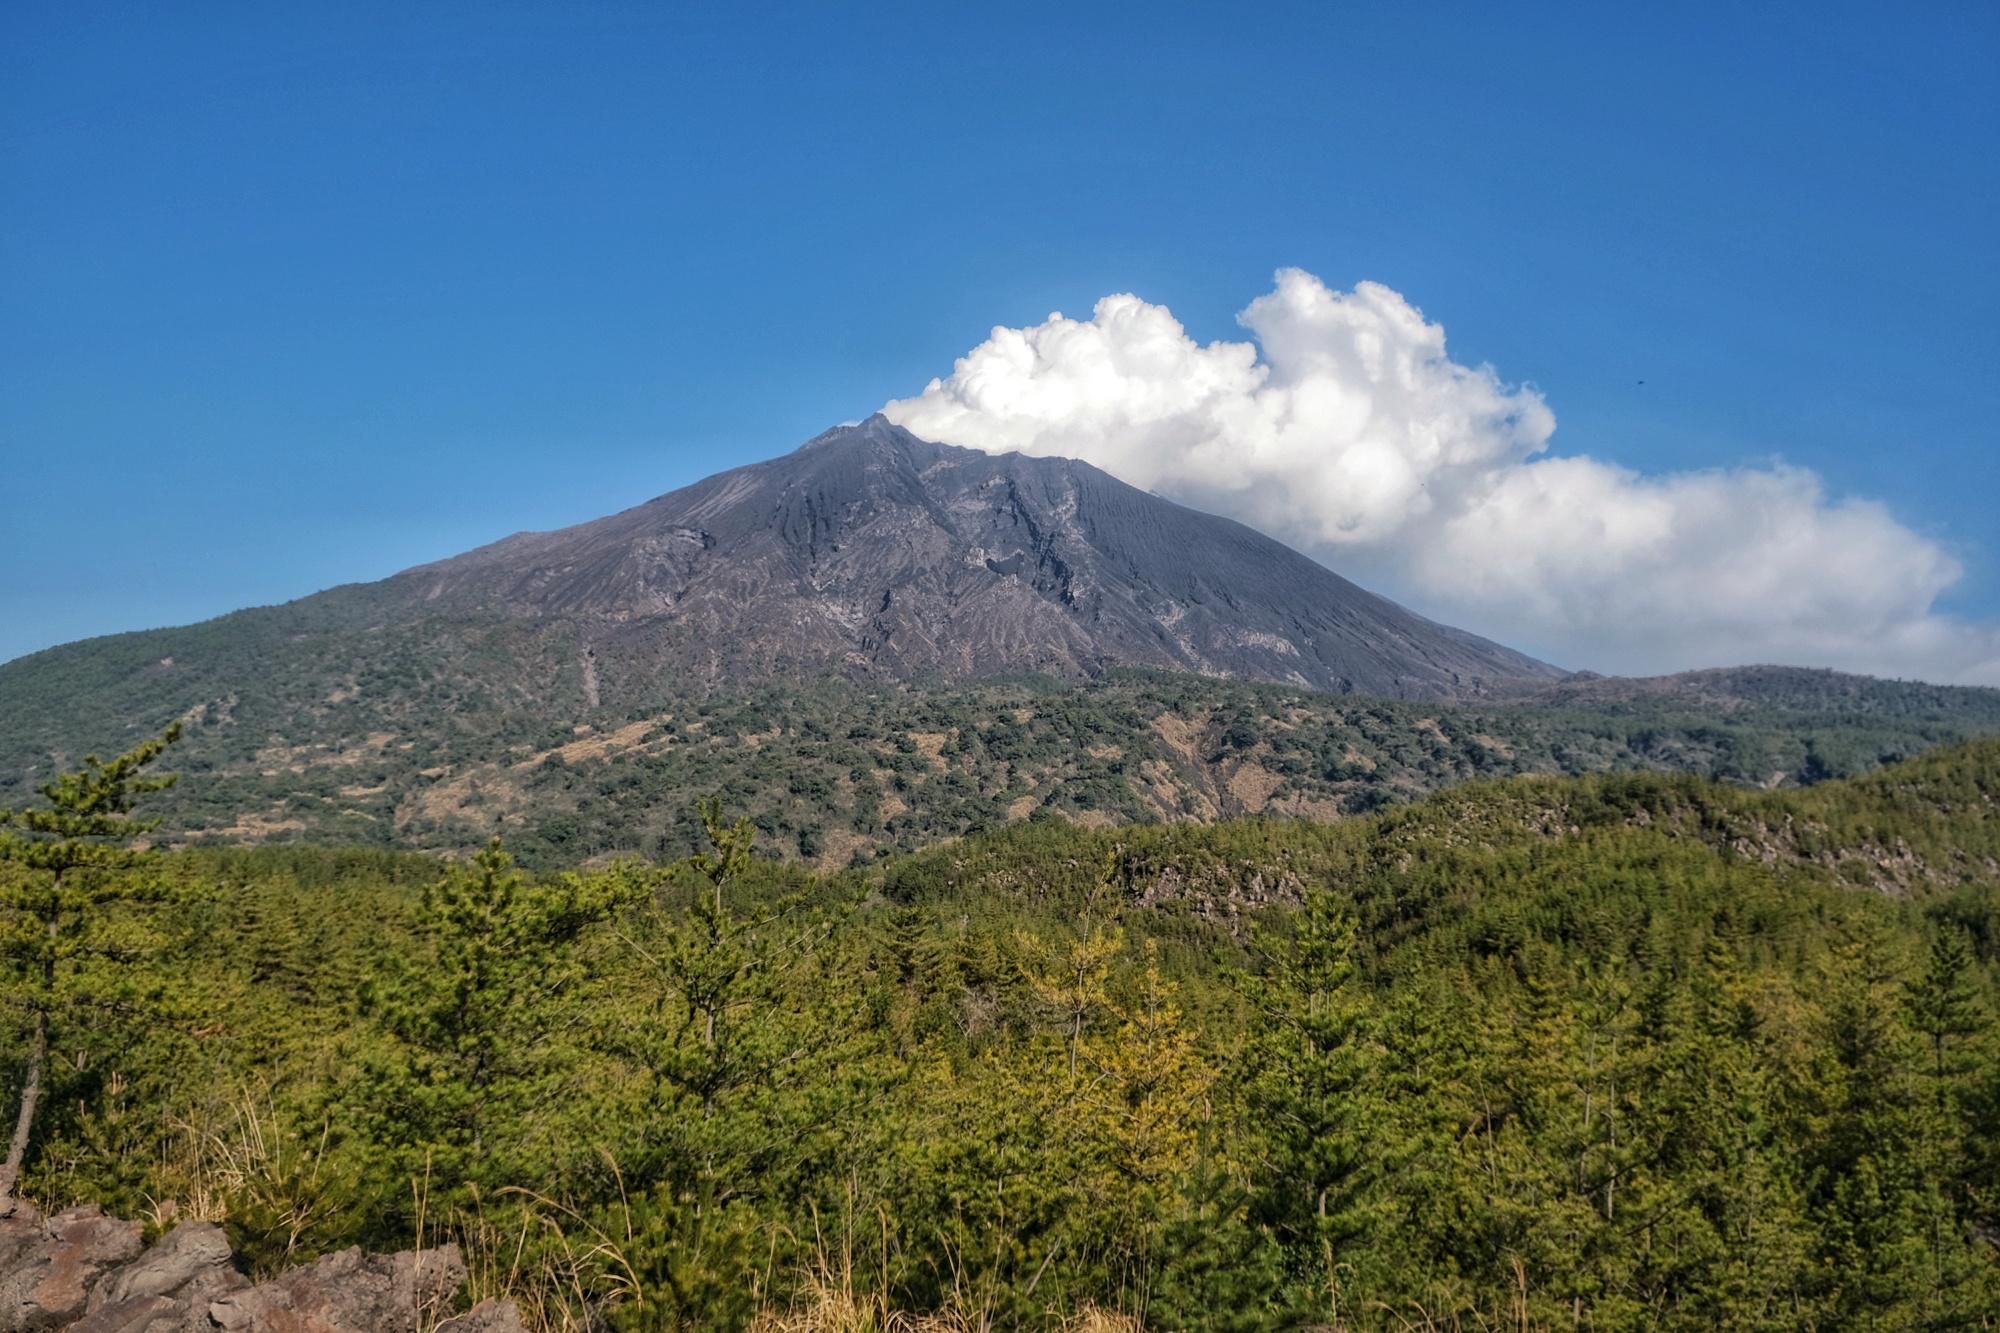 Le volcan Sakurajima, très actif ce jour là (selon notre point de vue de touriste)